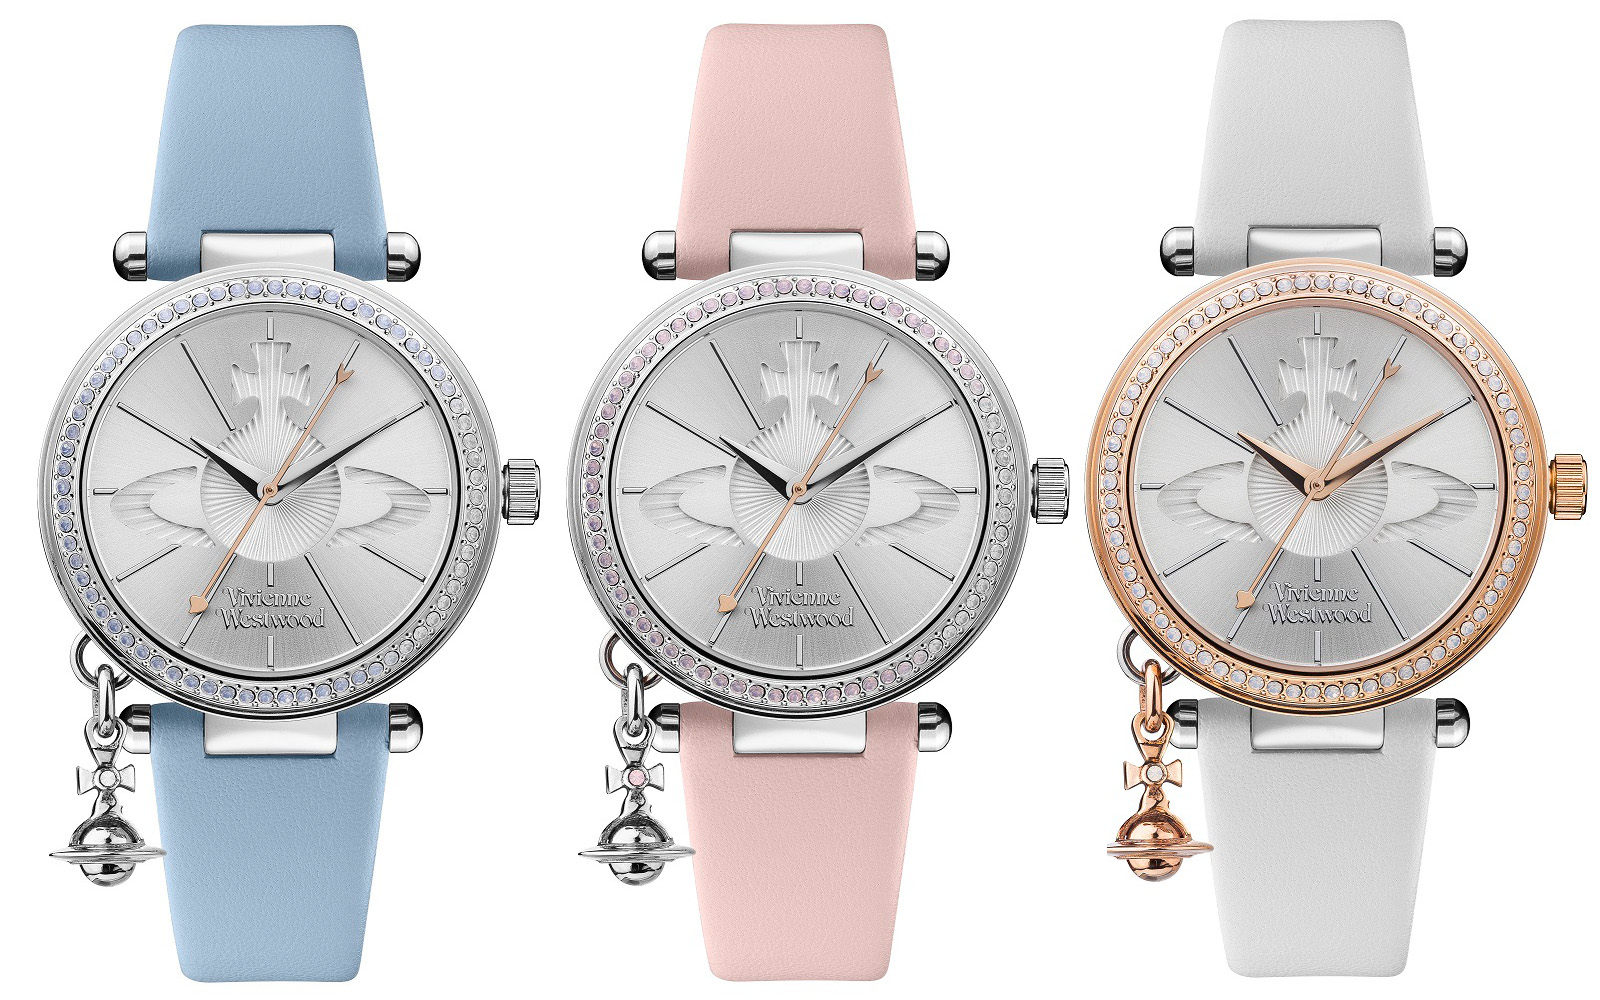 ヴィヴィアン ウエストウッド vivienne westwood 腕時計 レディース オーブ ブルー ホワイト ピンク ペア VV006BLBL VV006RSWH VV006SLPK【並行輸入品】